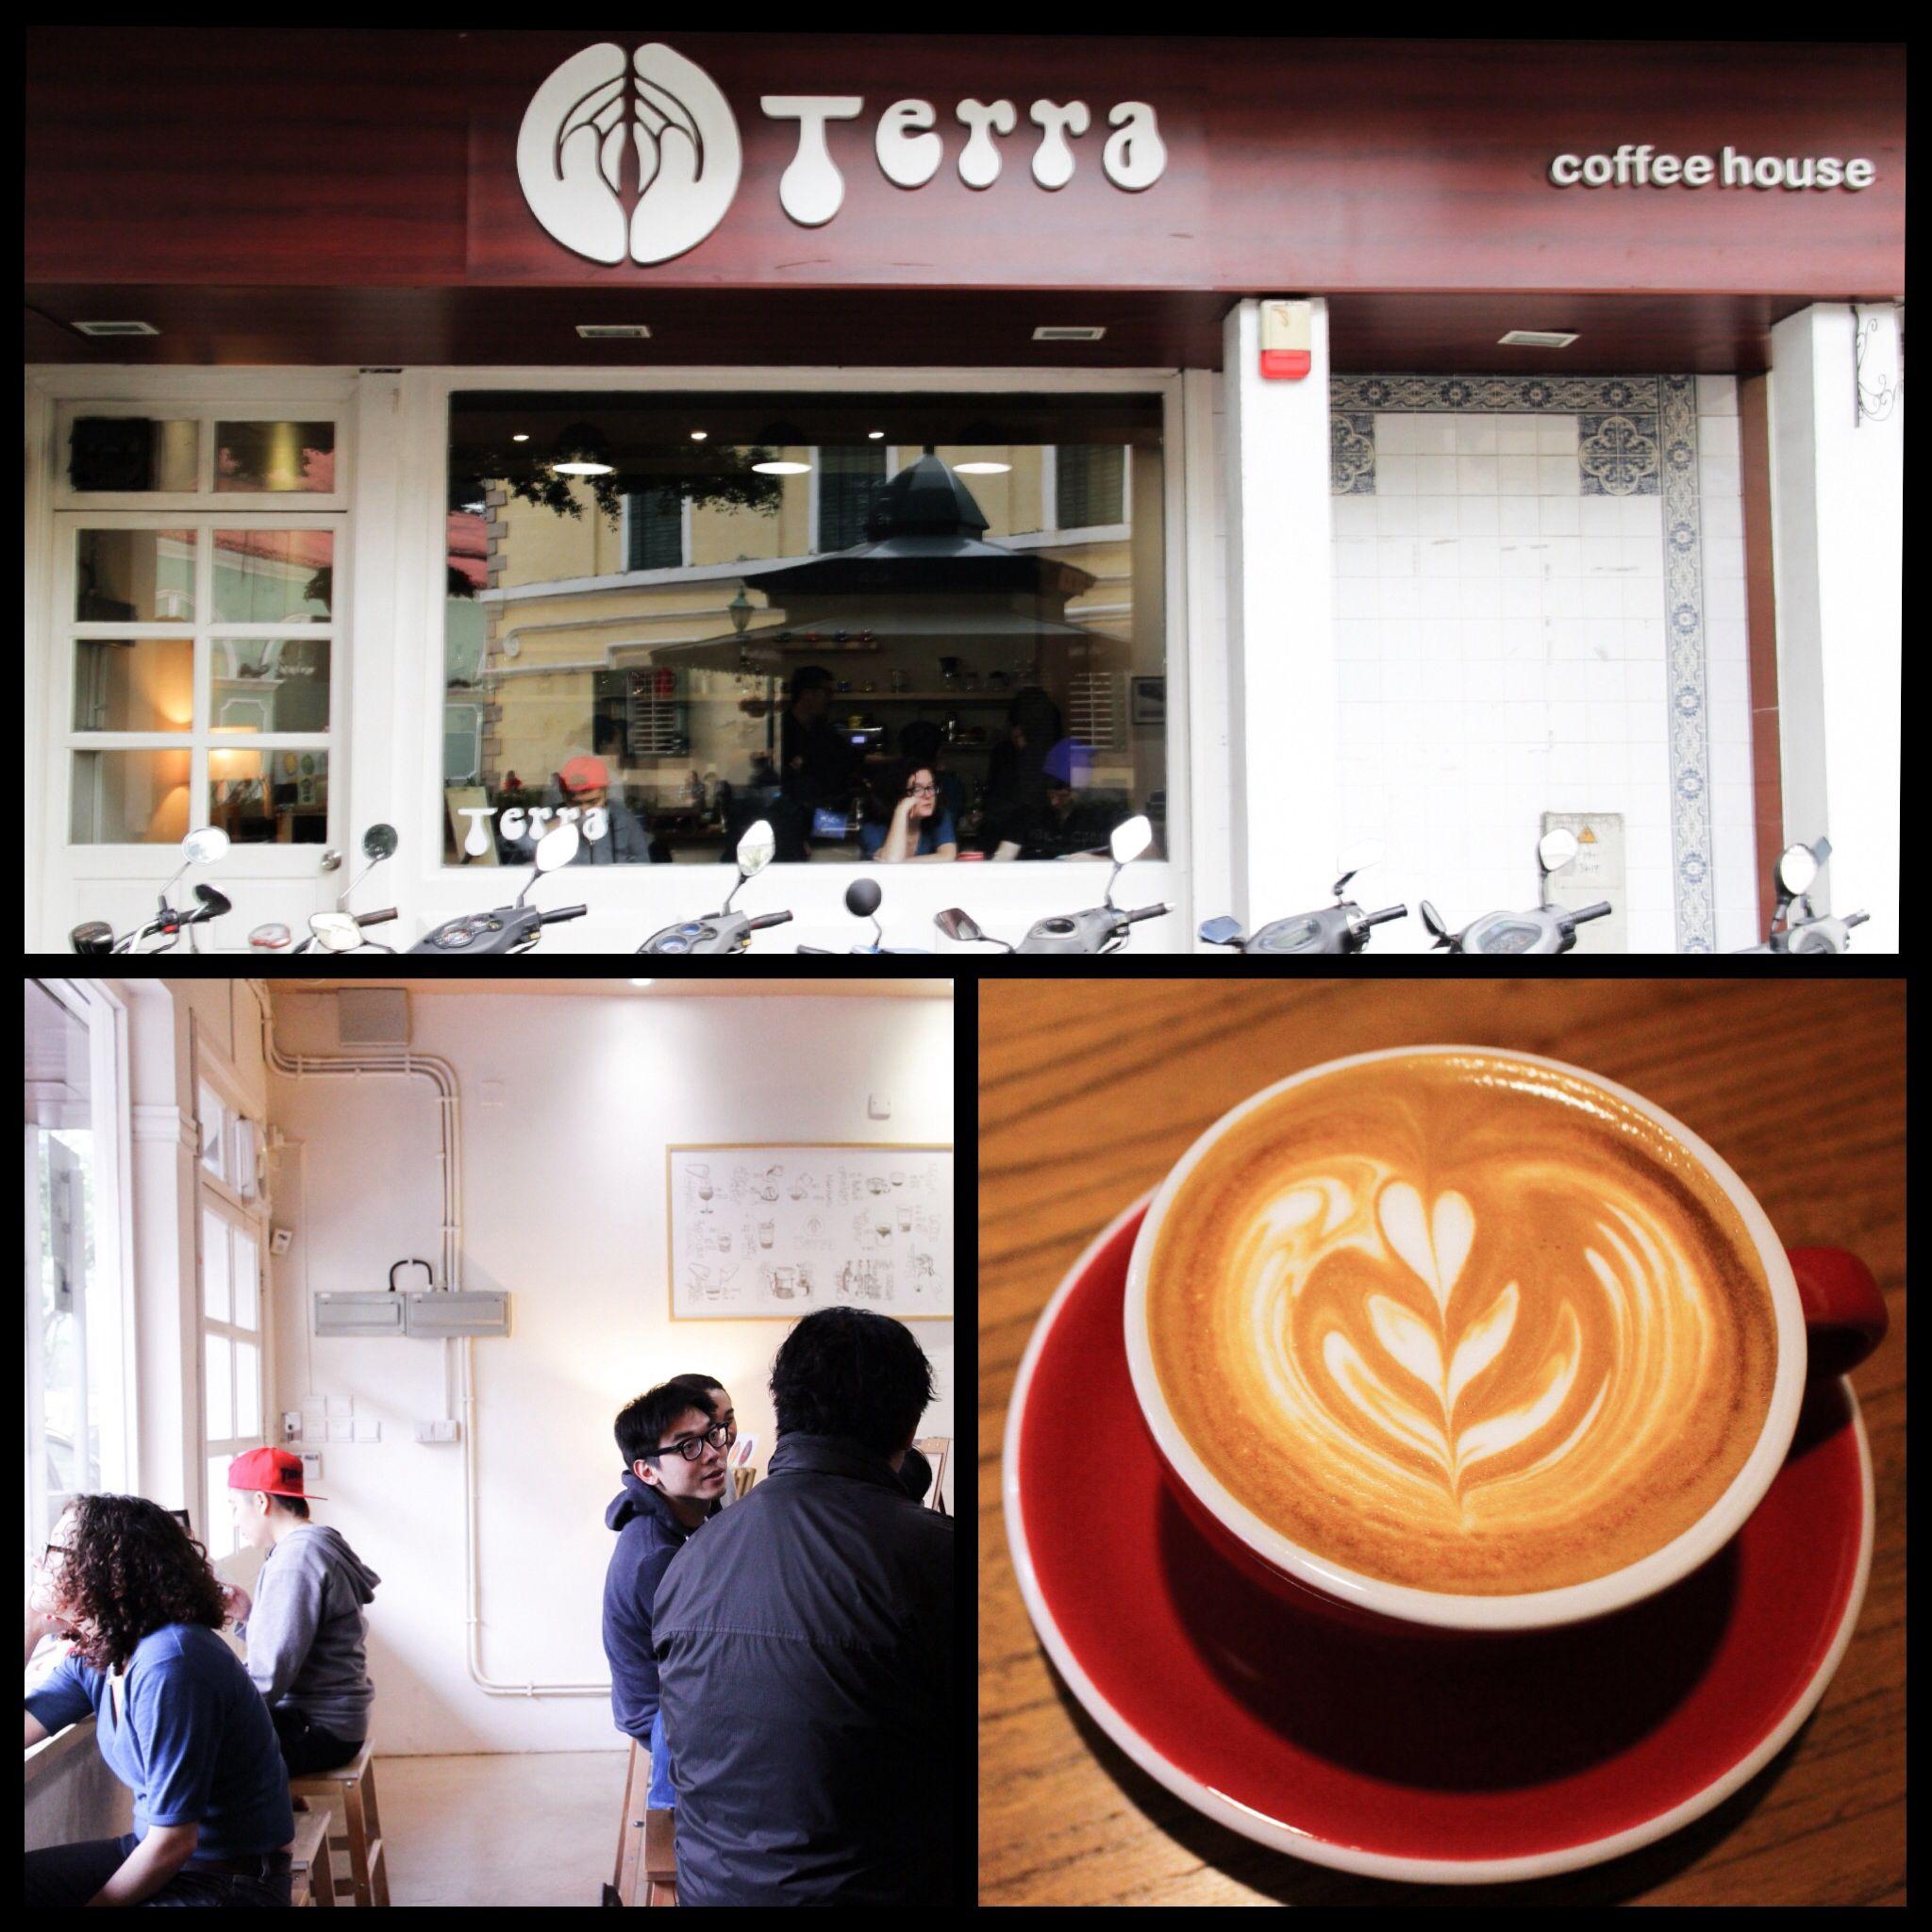 - TERRA coffee house - 1 Largo de Santo Agostinho, Macau -